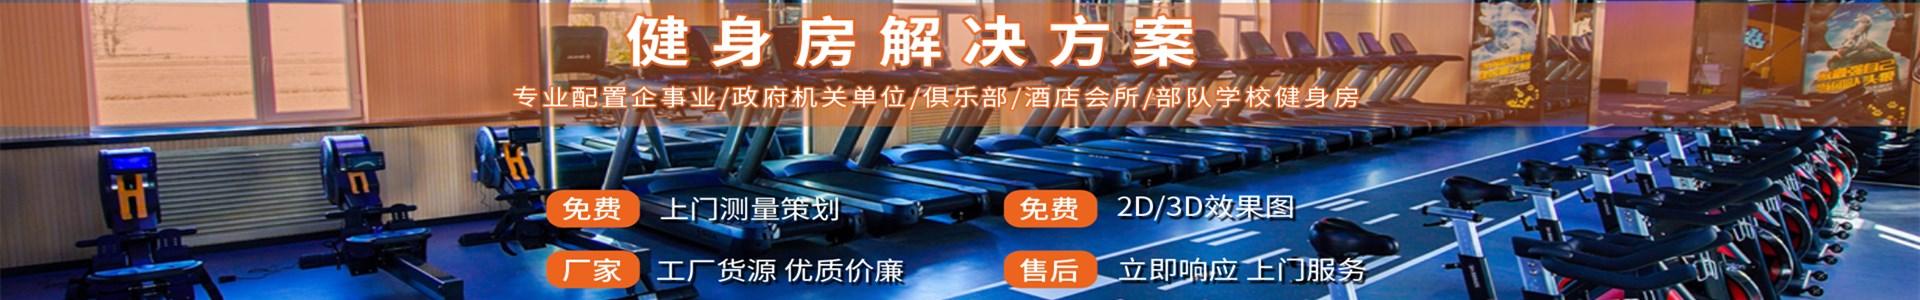 私家健身房